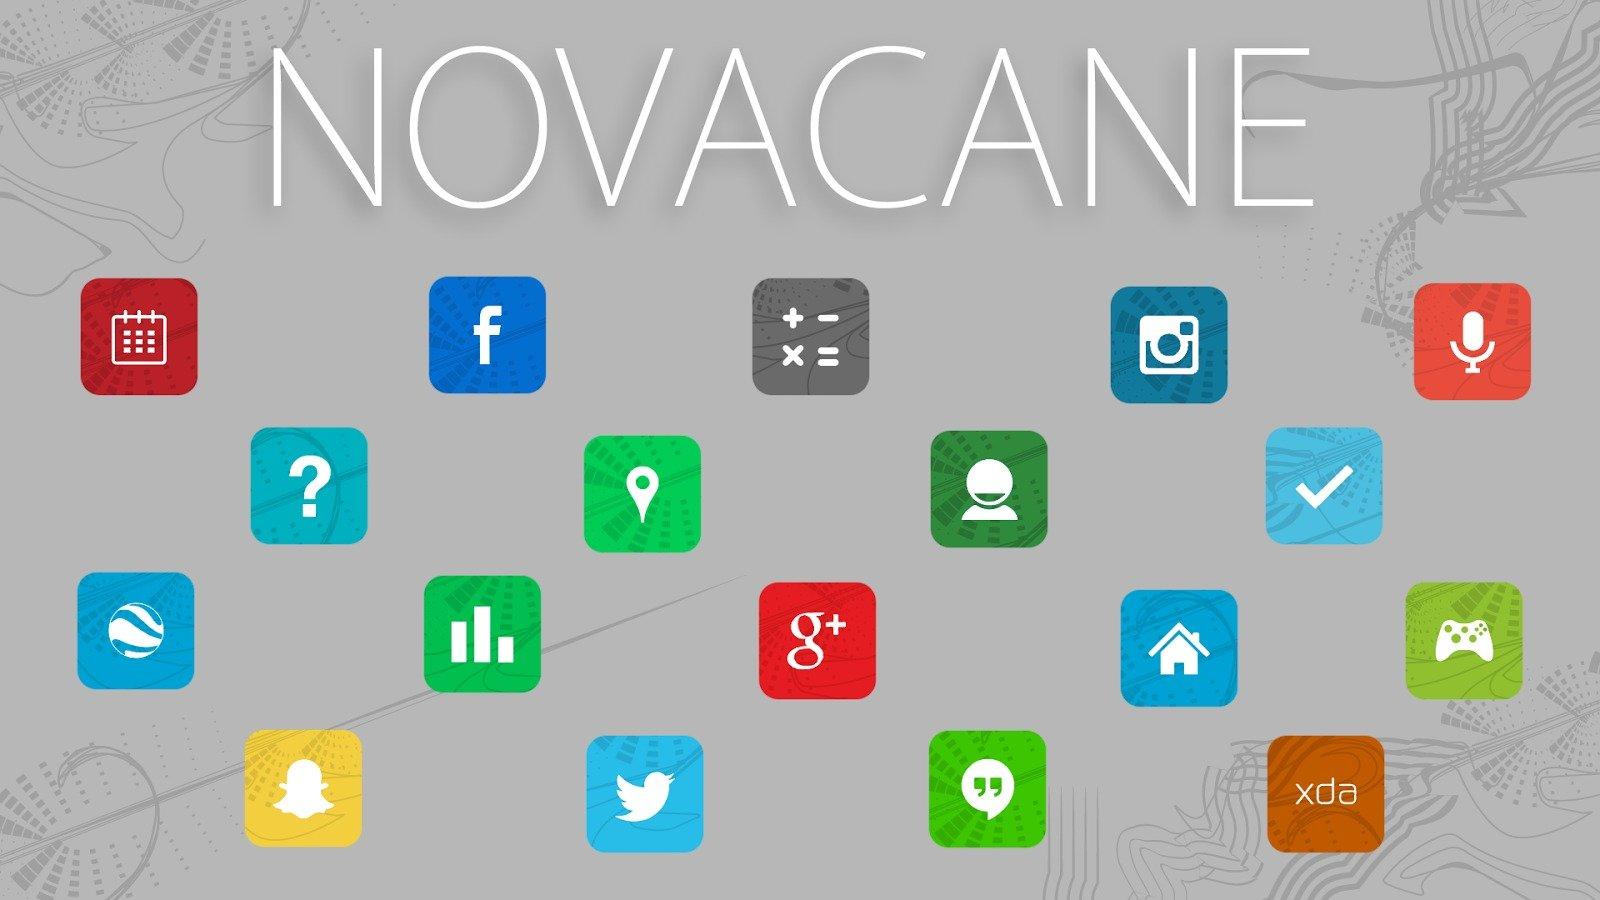 Novacane